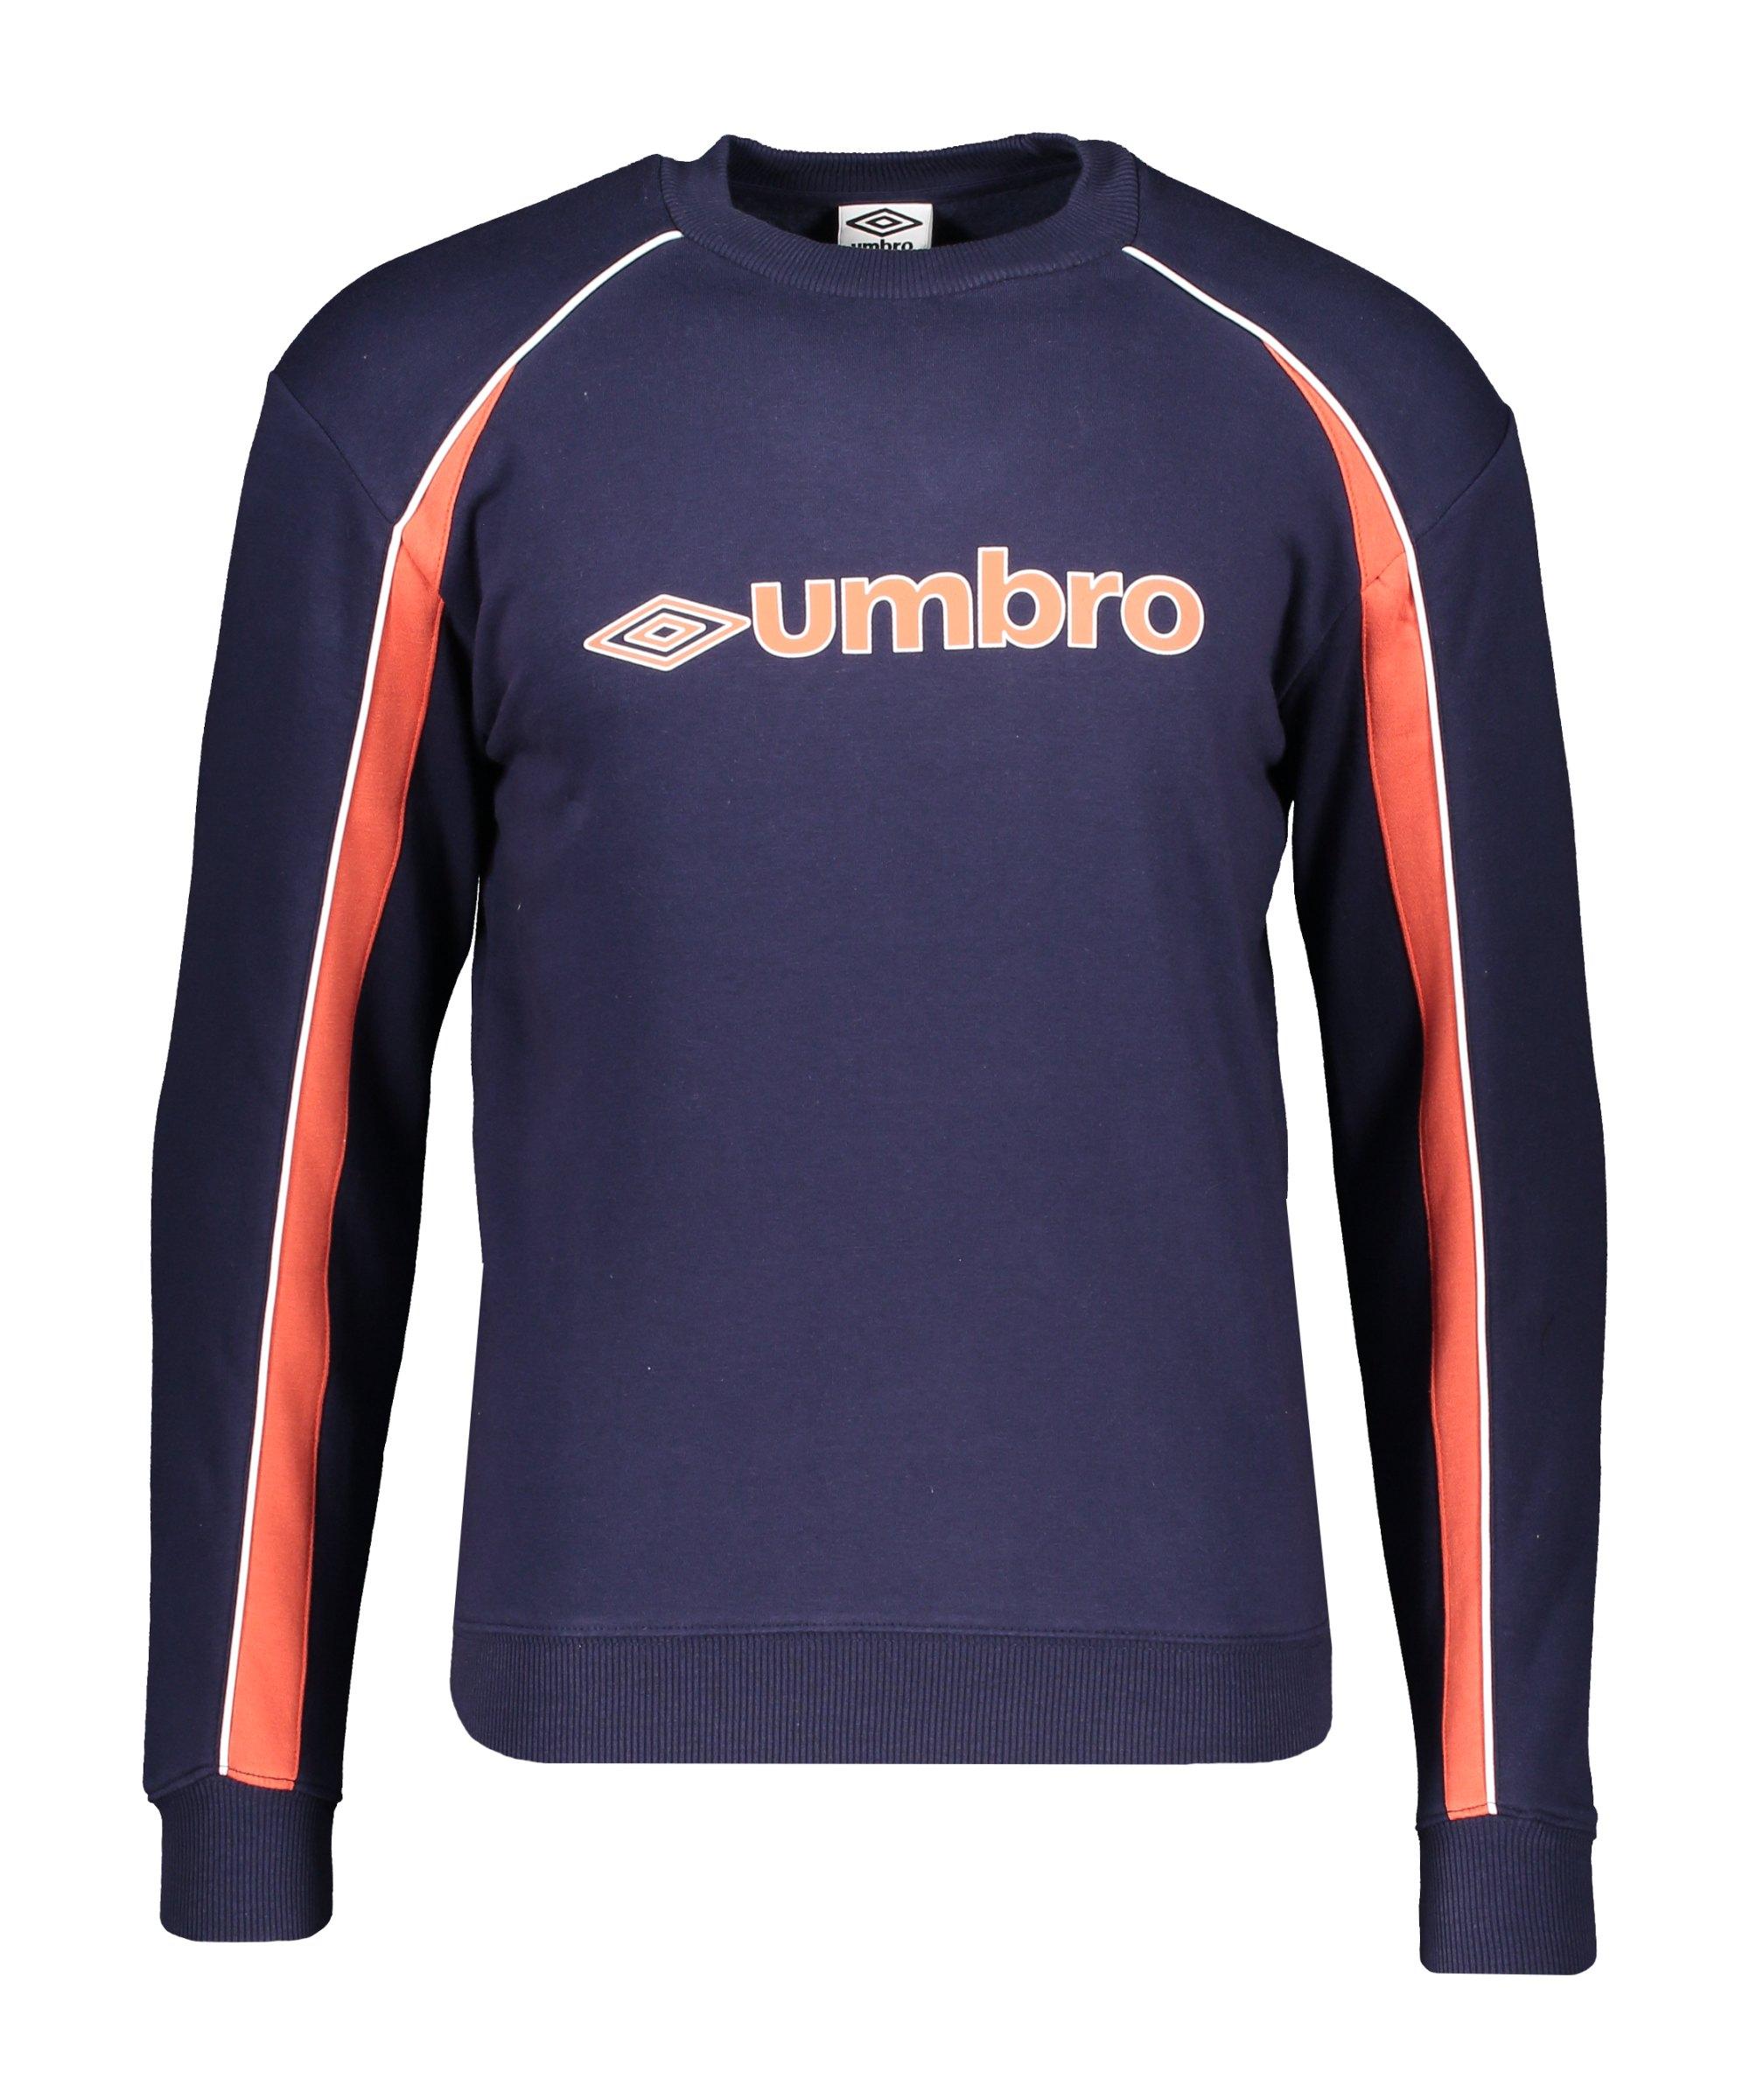 Umbro Branded Panelled Sweatshirt Blau FJGL - blau